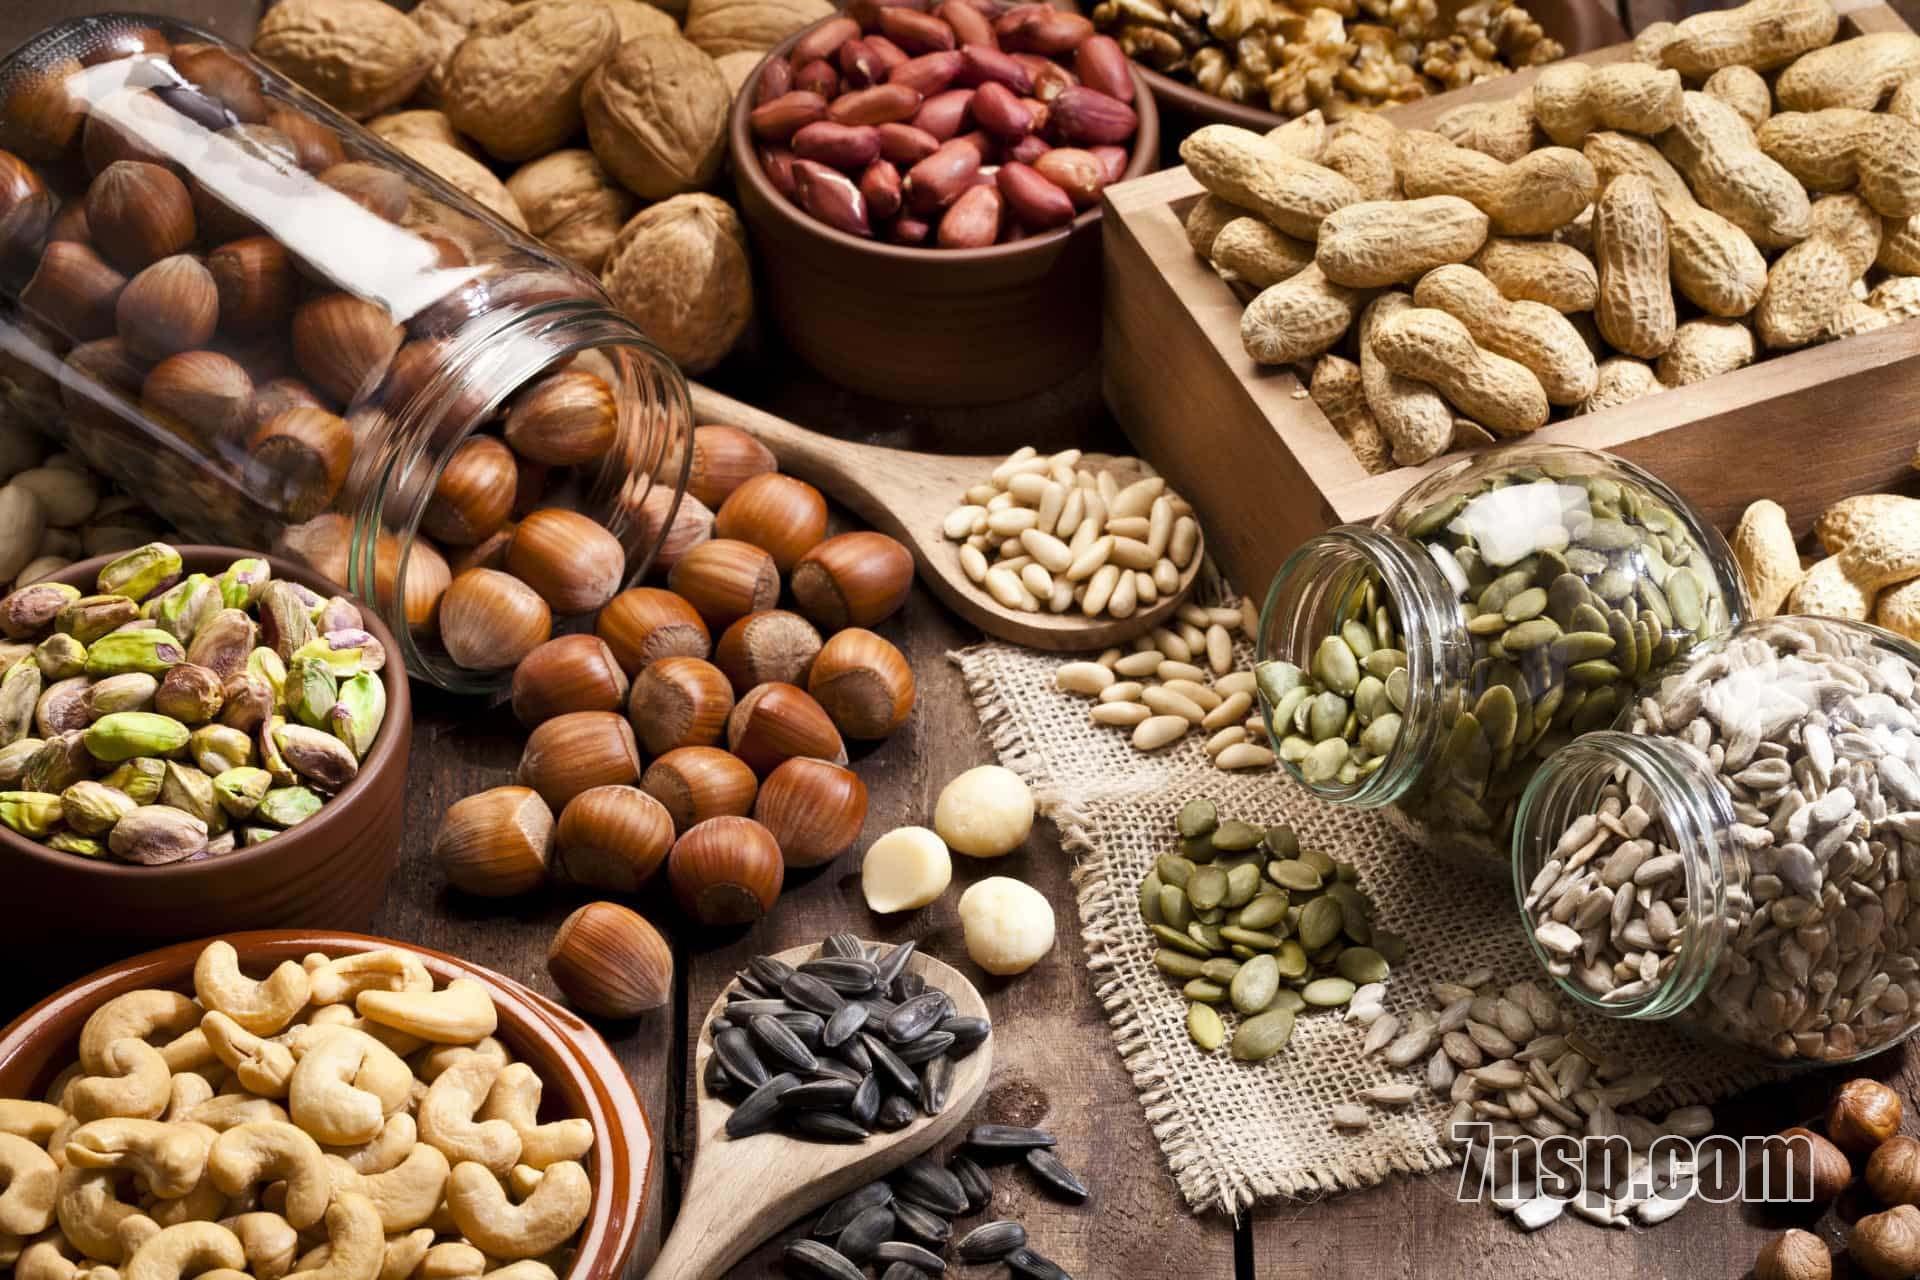 Белки в орехах, семечках, содержание протеинов в продуктах растительного происхождения, питание вегетарианцев, веганов